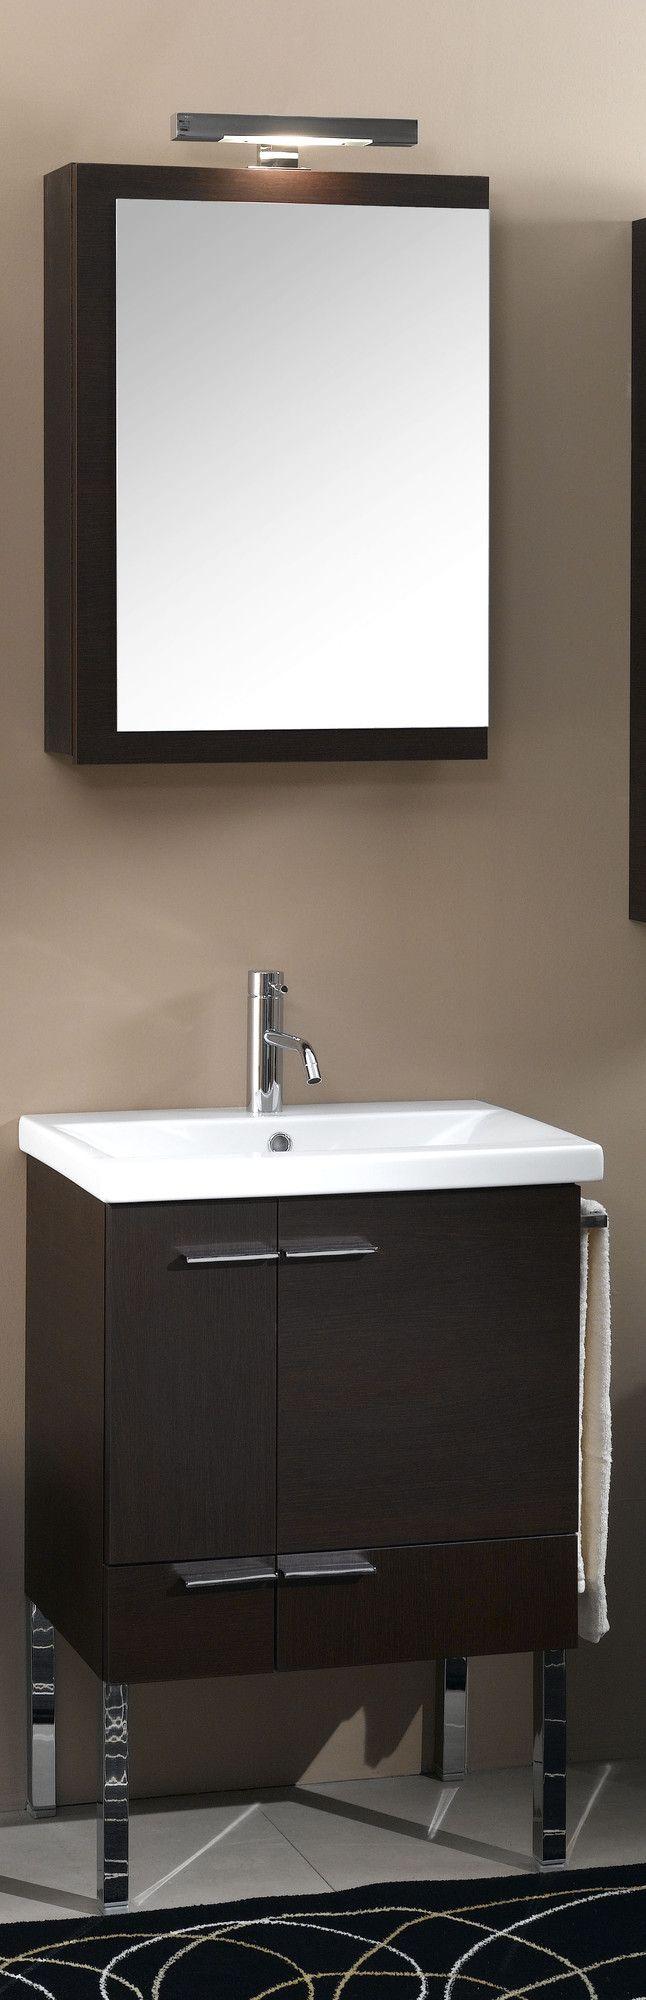 Gallery Website Simple Wall Mounted Bathroom Vanity Set Wayfair